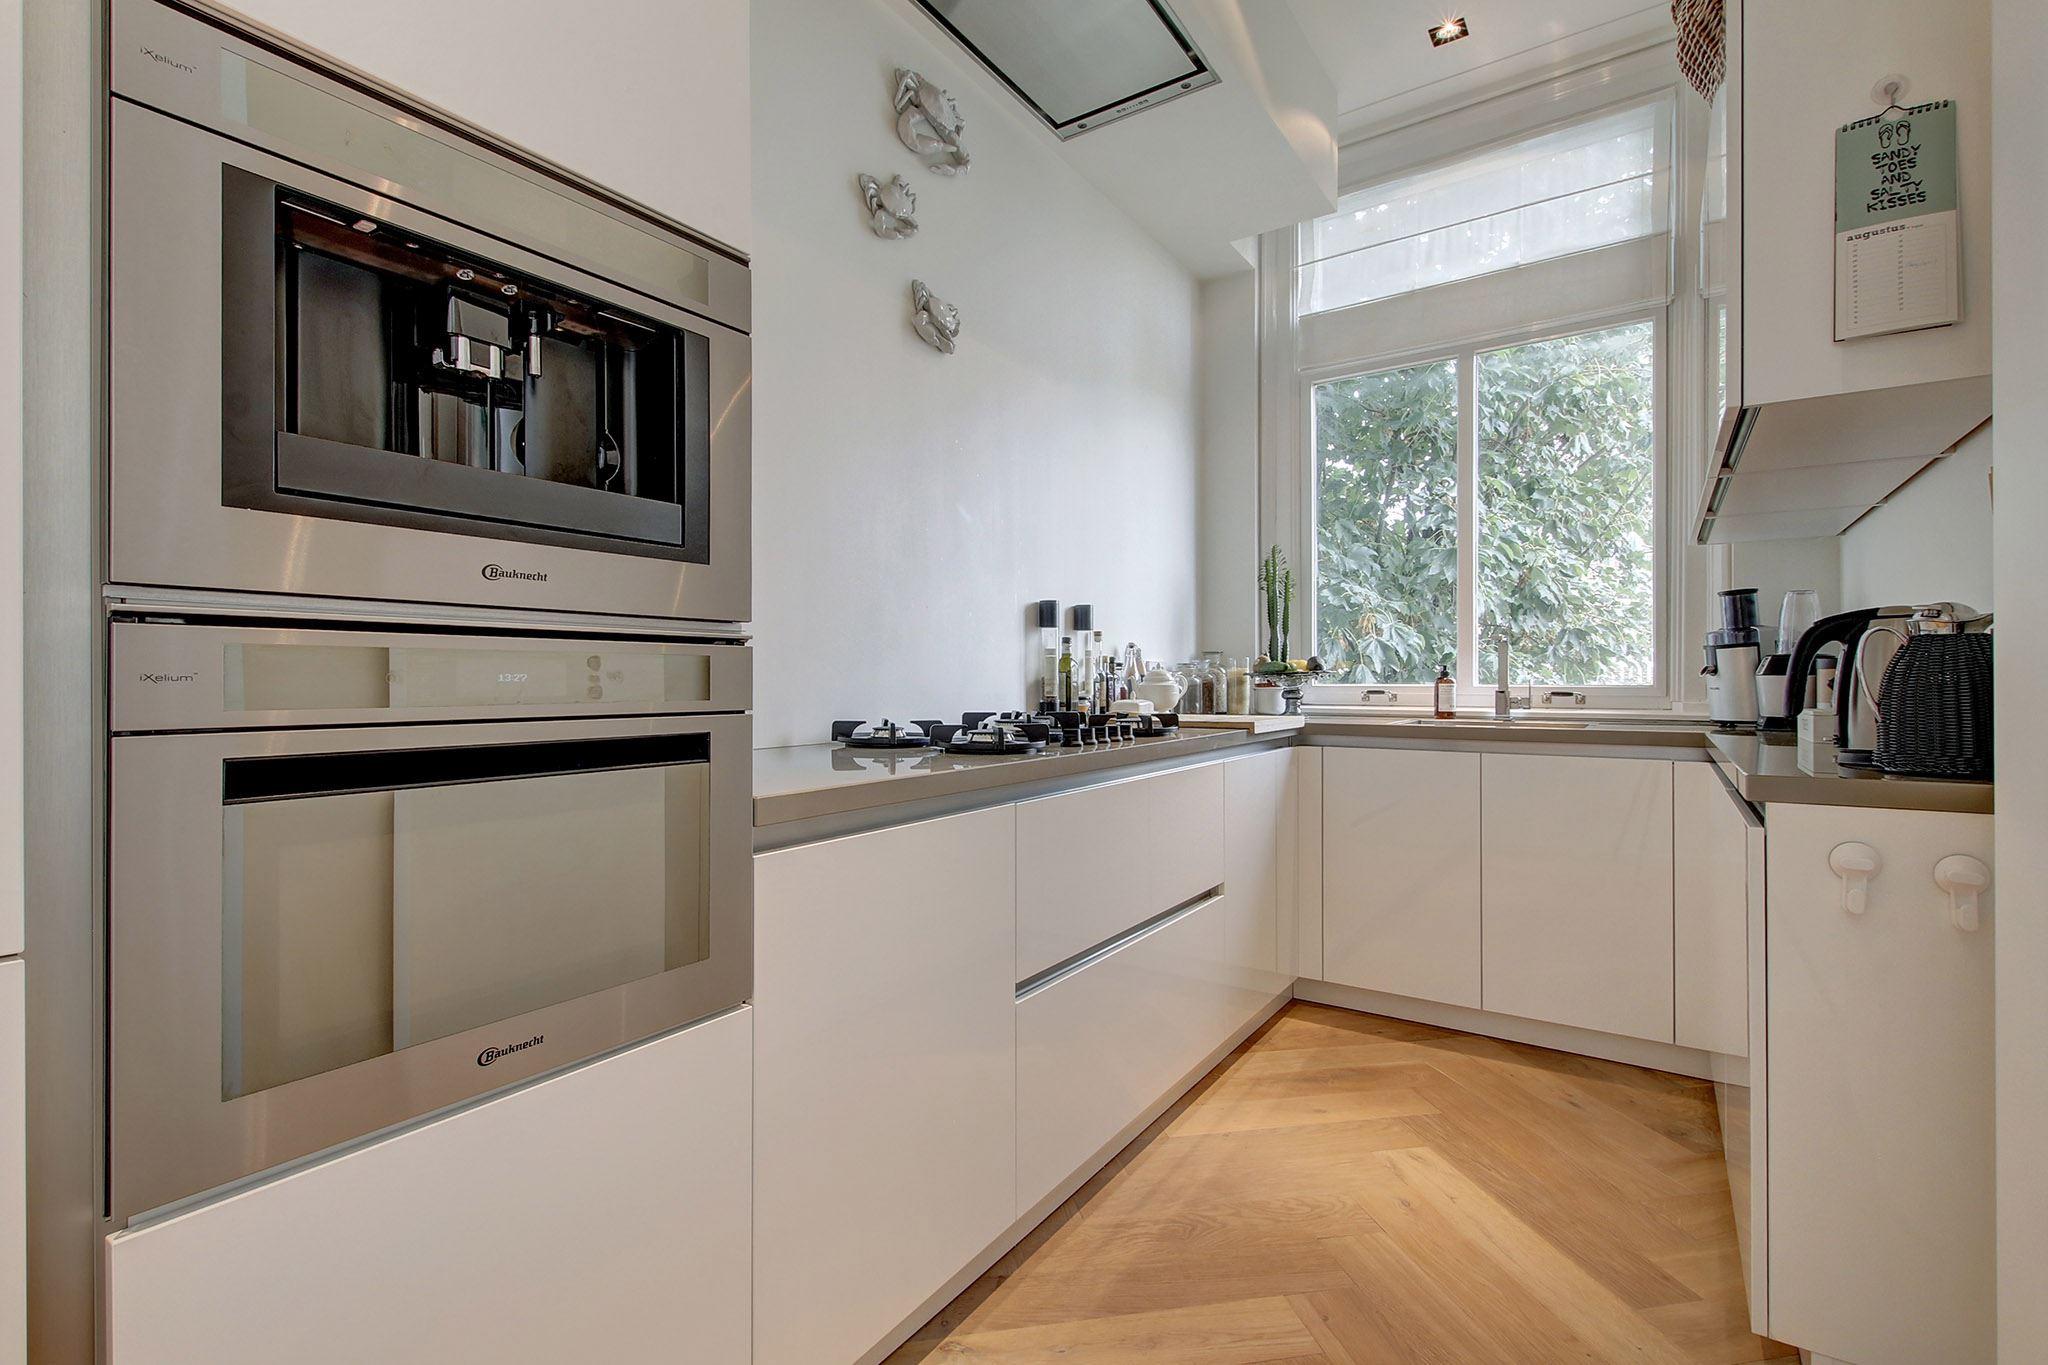 кухонная мебель белые глянцевые фасады встроенная техника паркет